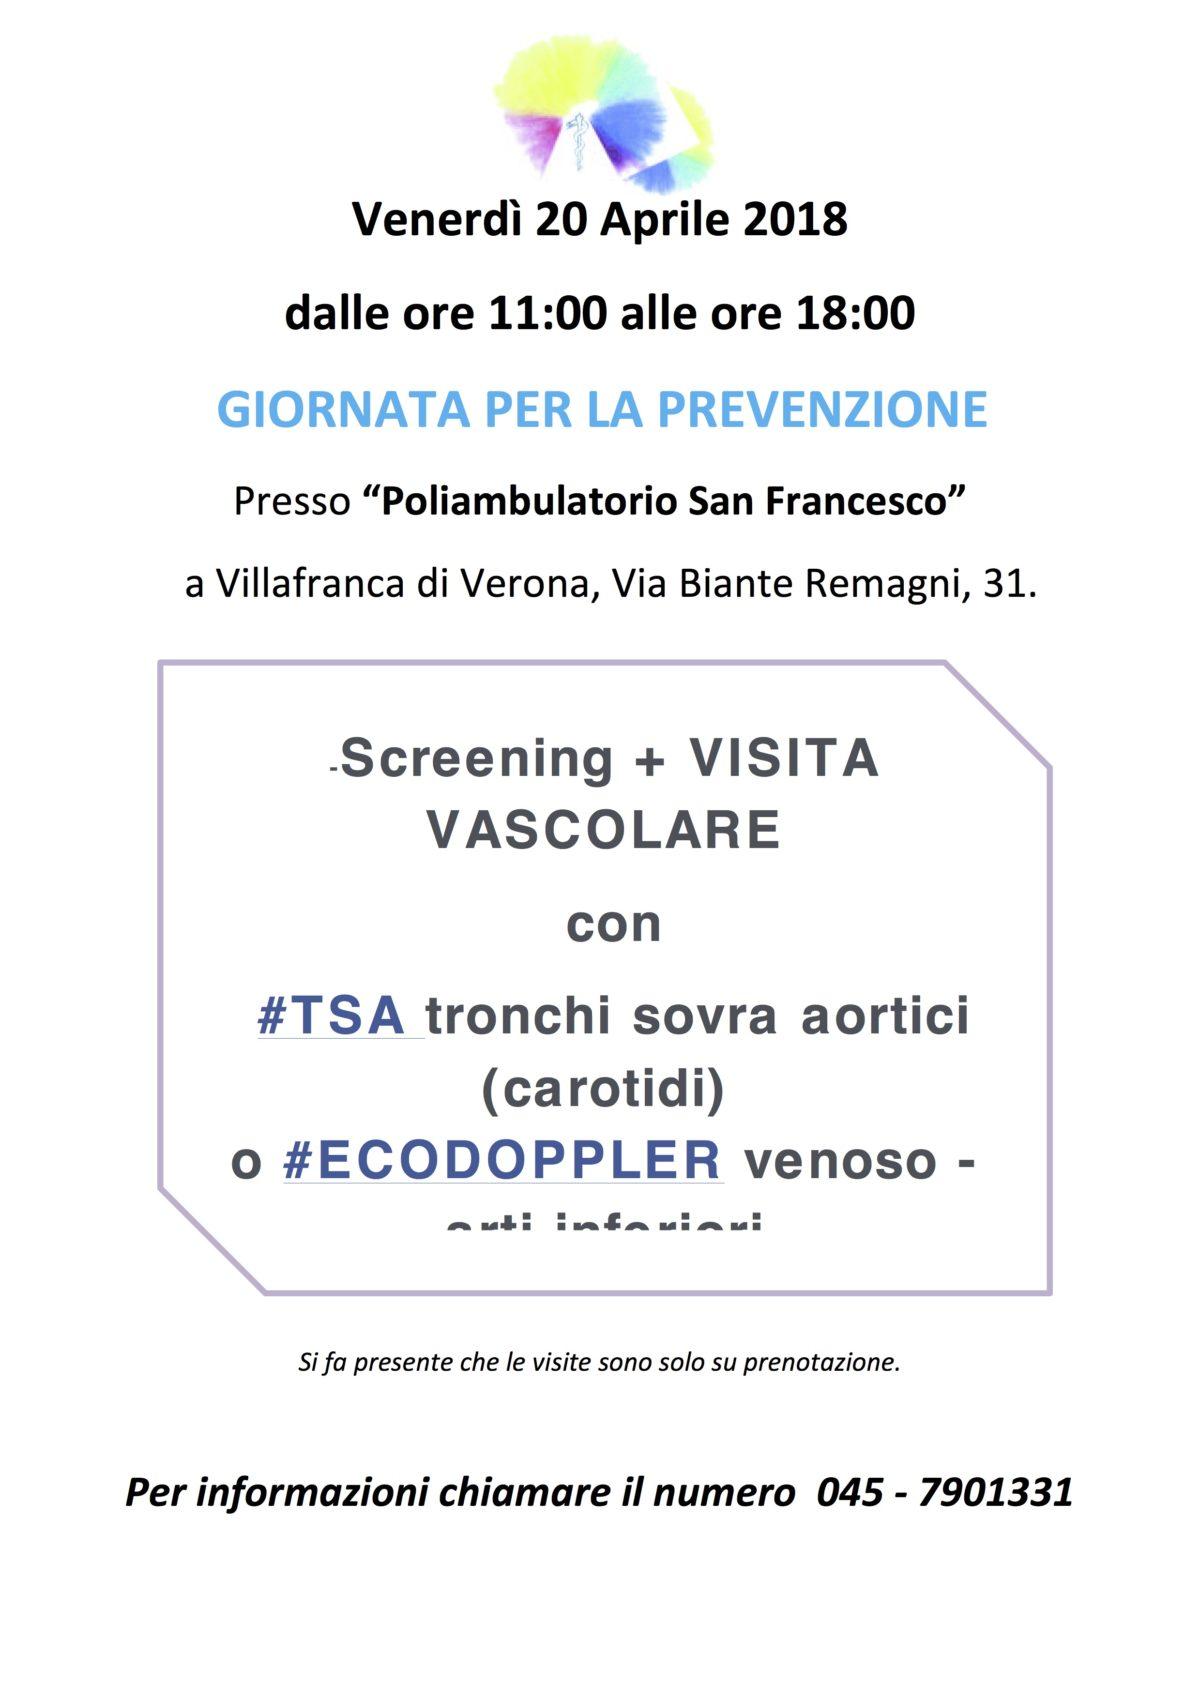 GIORNATA-PER-LA-PREVENZIONE-Presso-_Poliambulatorio-San-Francesco_-20-Aprile-2018-1200x1698.jpg